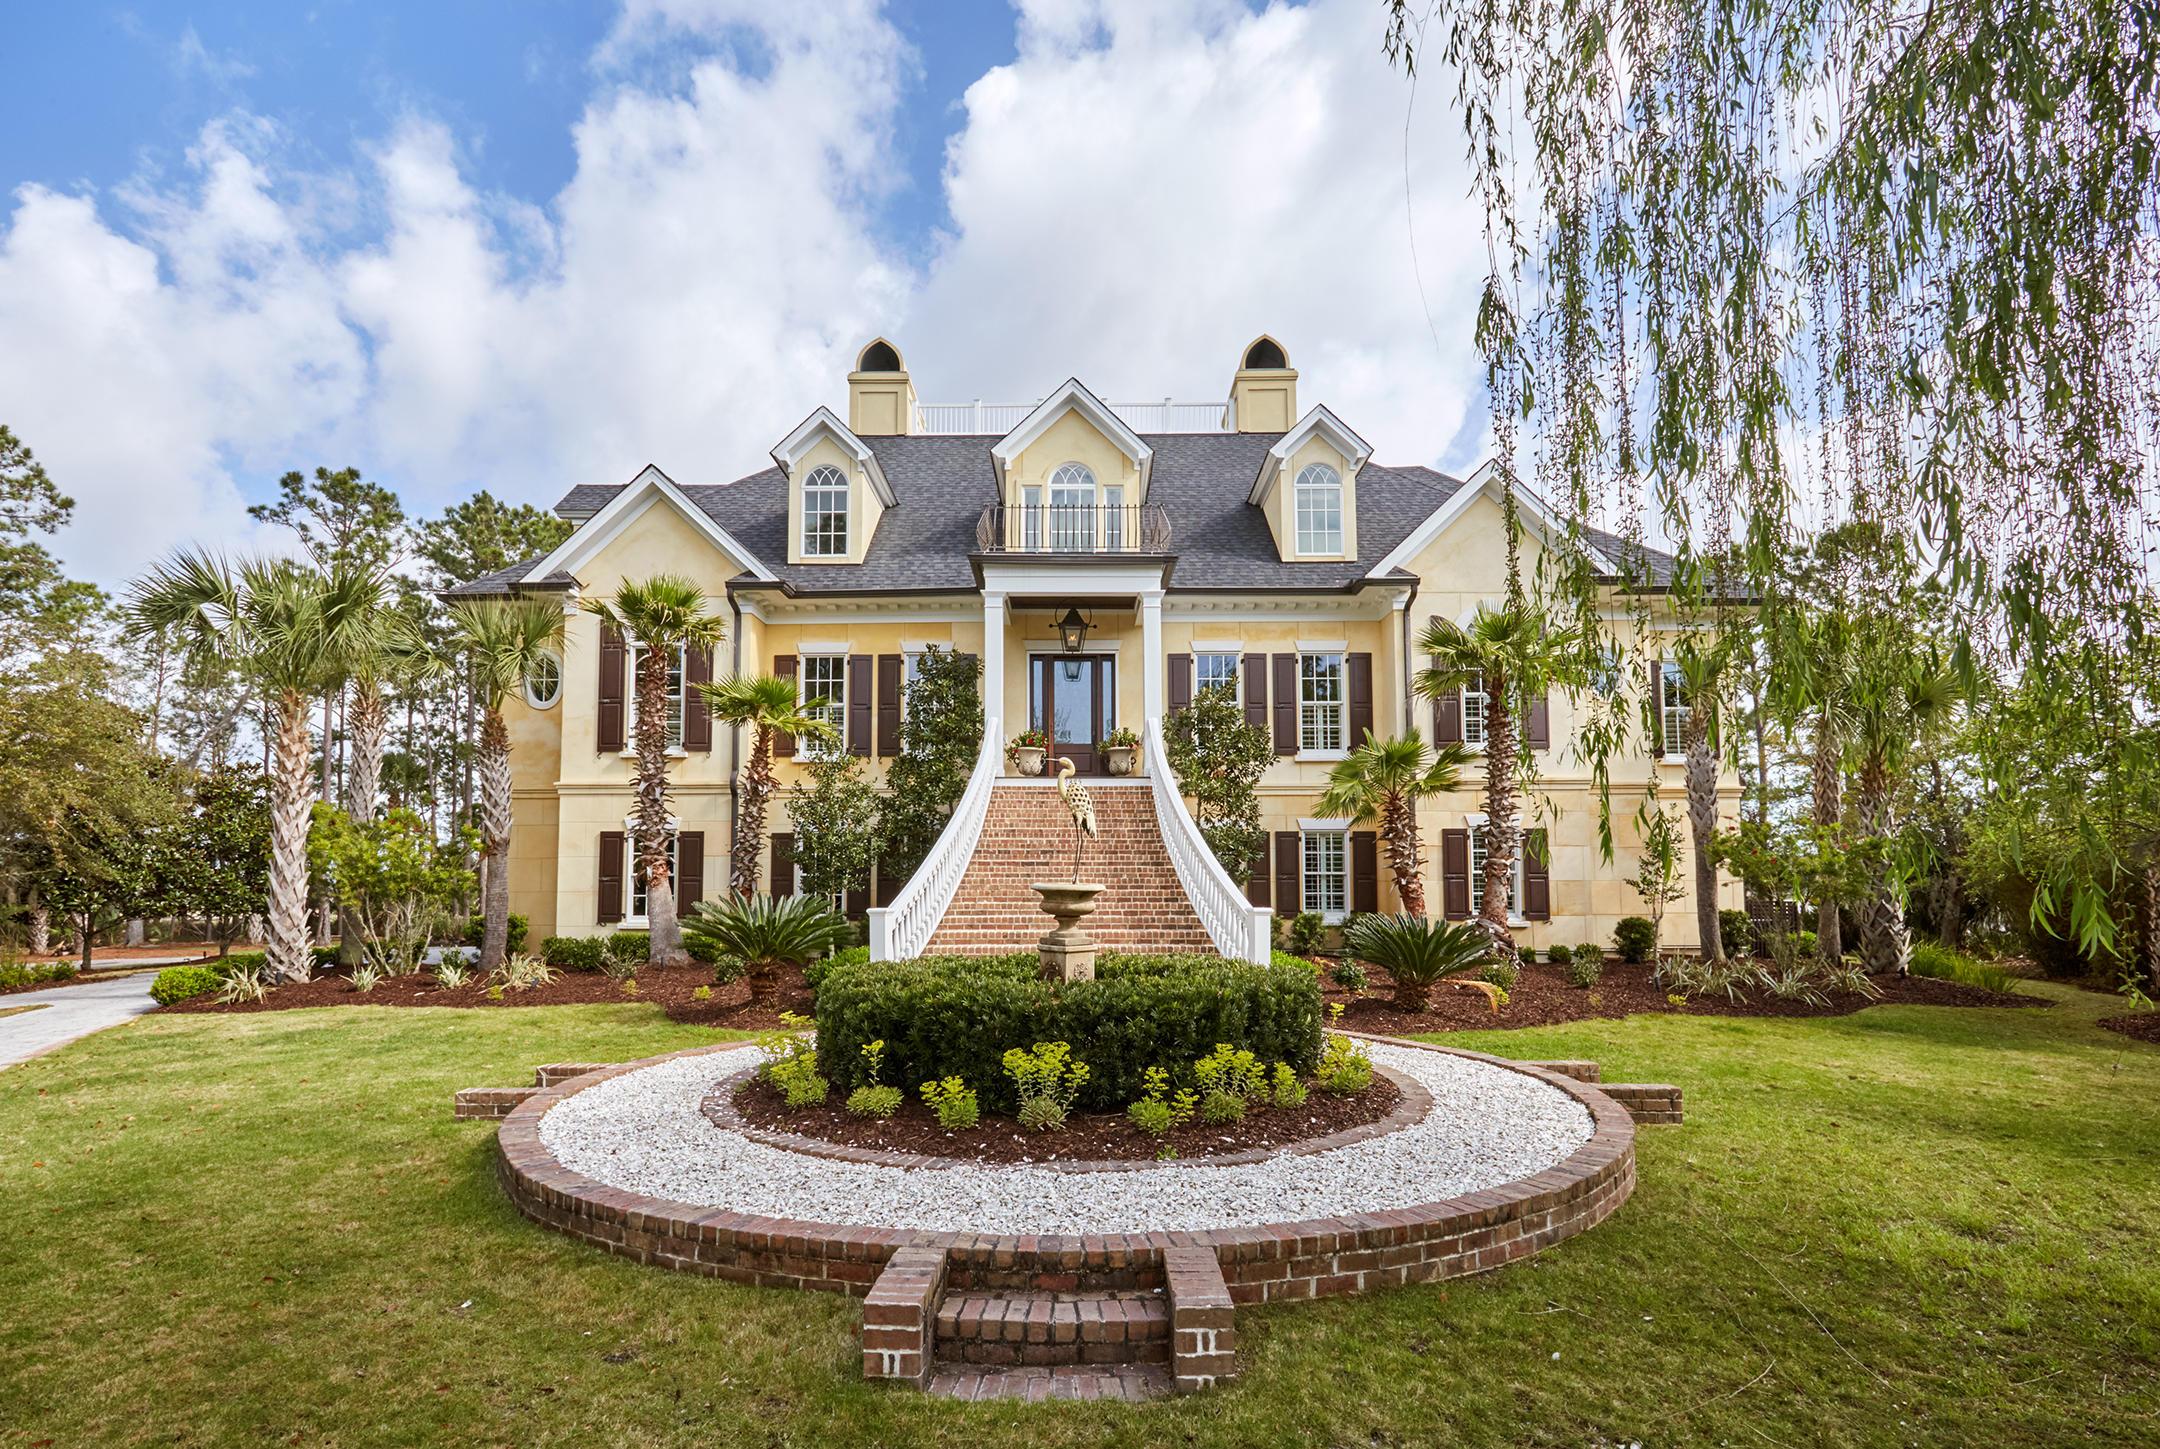 Park West Homes For Sale - 3885 Ashton Shore, Mount Pleasant, SC - 28